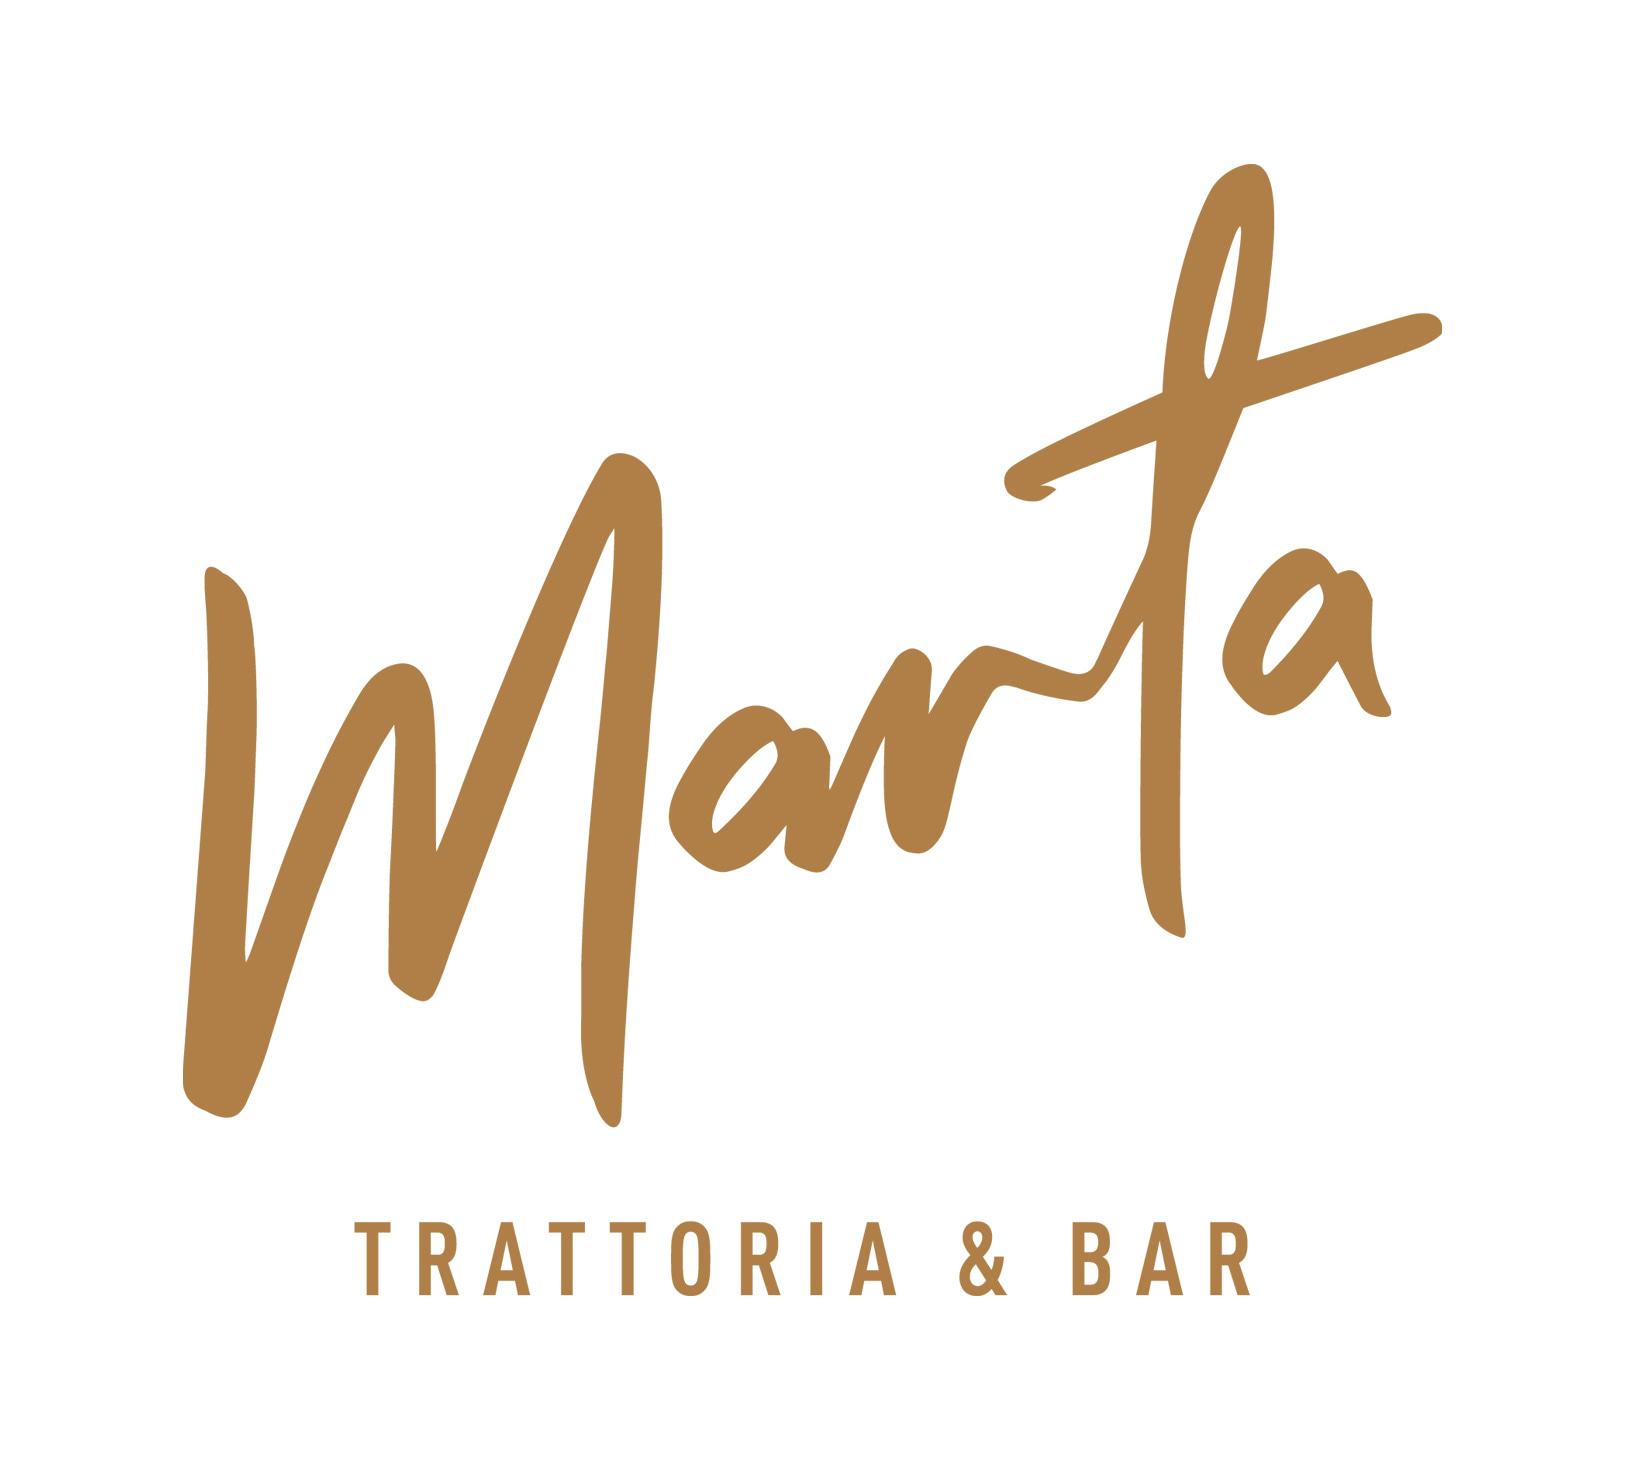 MARTA TRATTORIA & BAR Logo